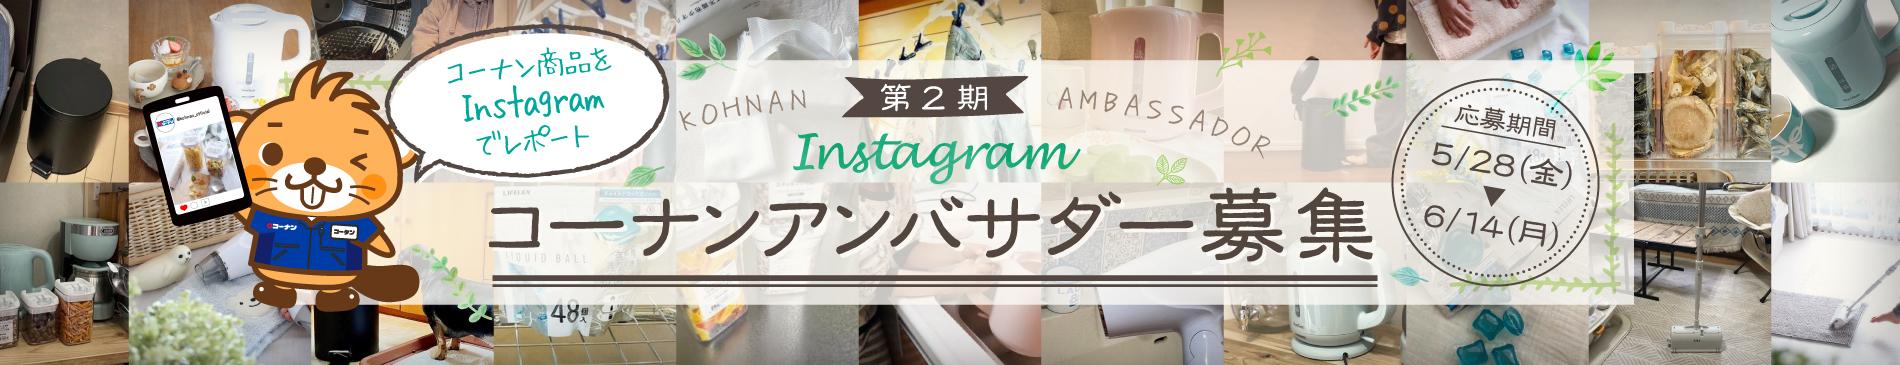 第2回インスタグラム コーナンアンバサダー募集キャンペーン!!